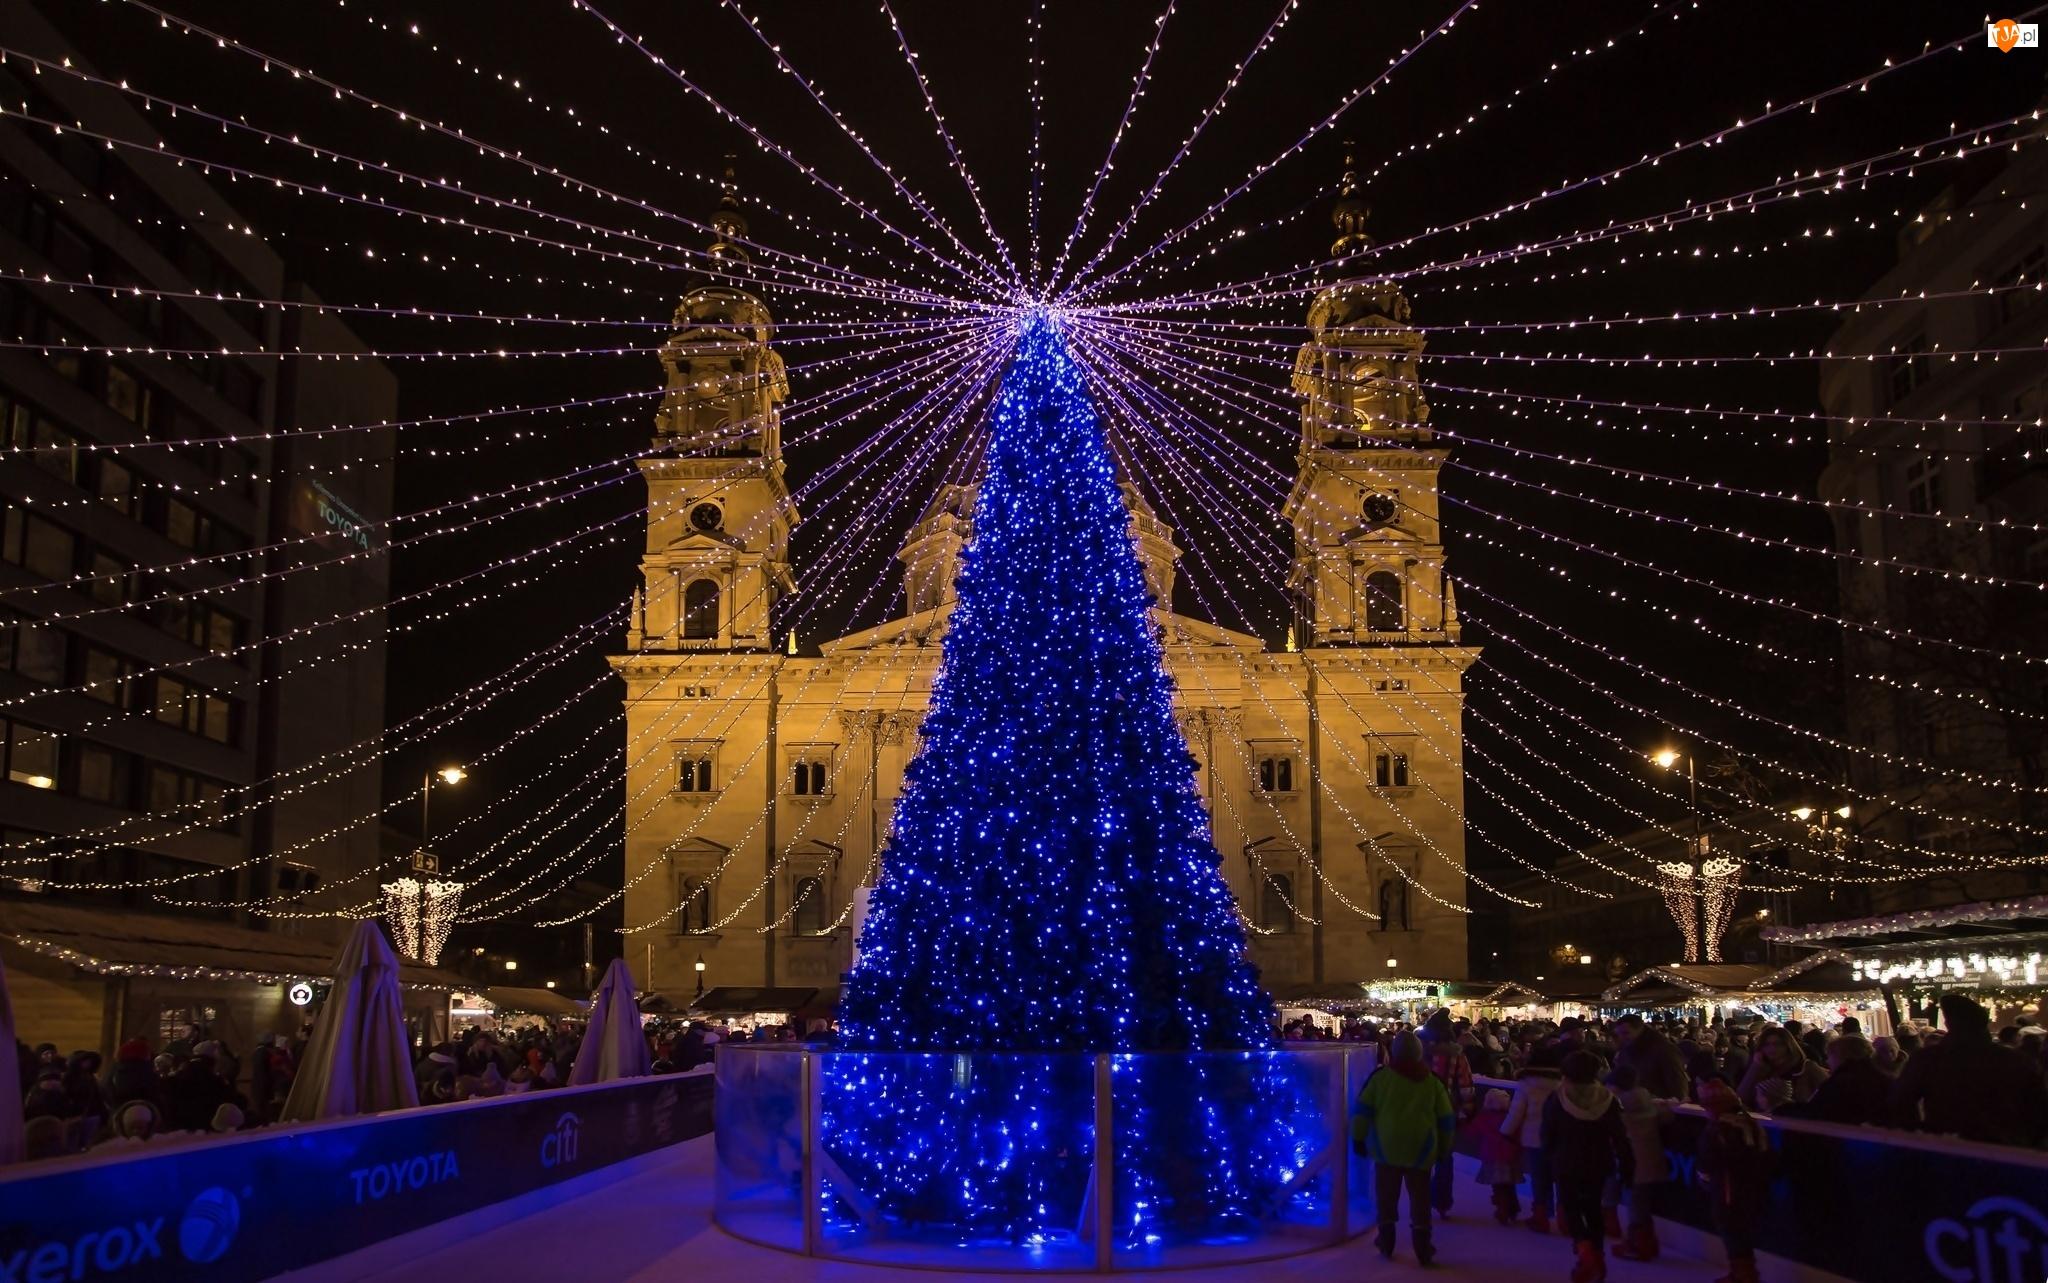 Świątecznie, Choinka, Ludzie, Ulica, Budapest